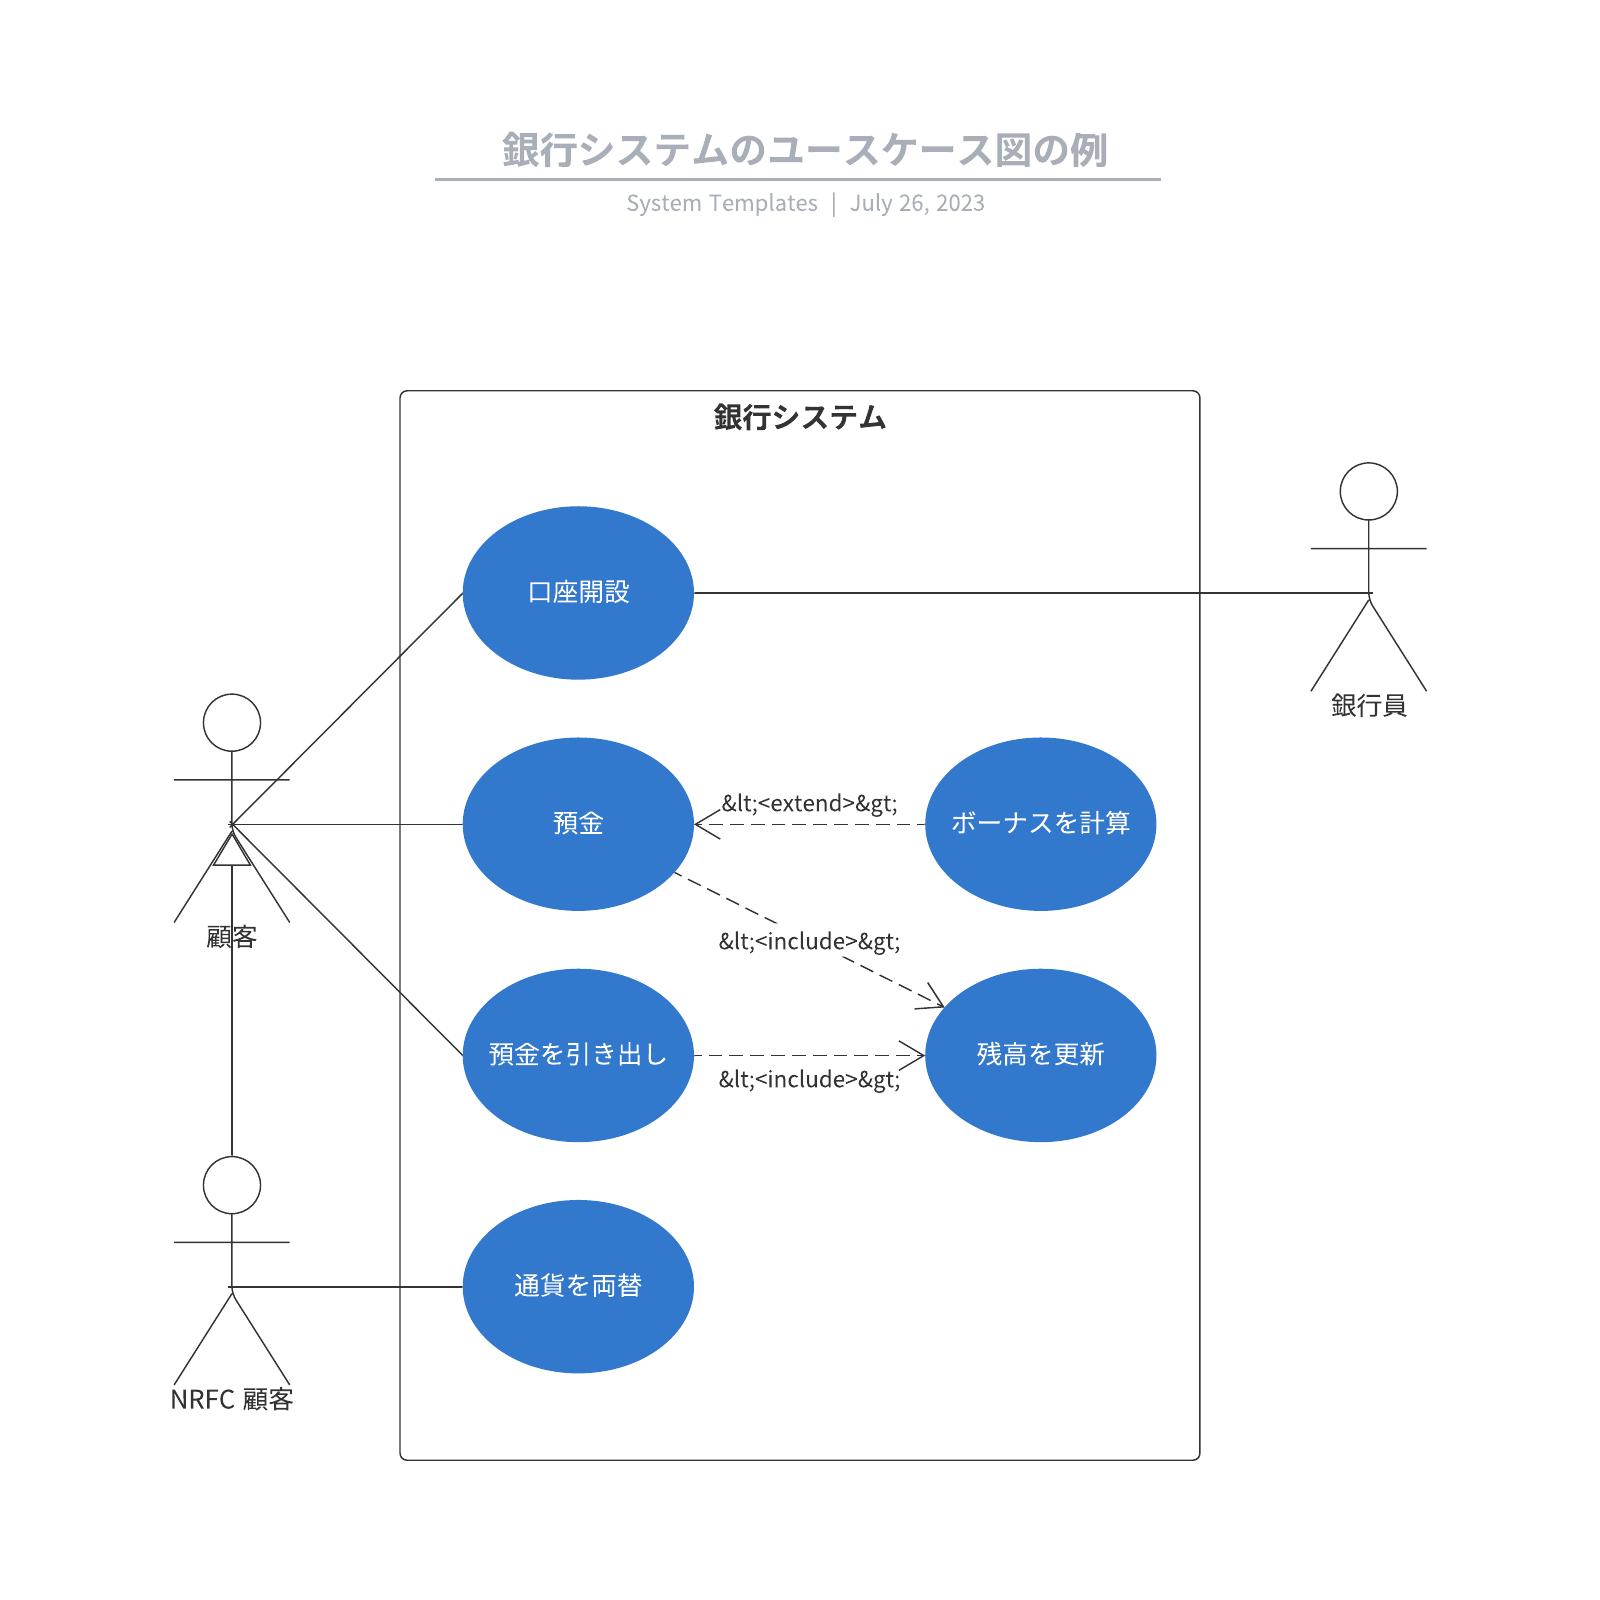 銀行システムのユースケース図の例